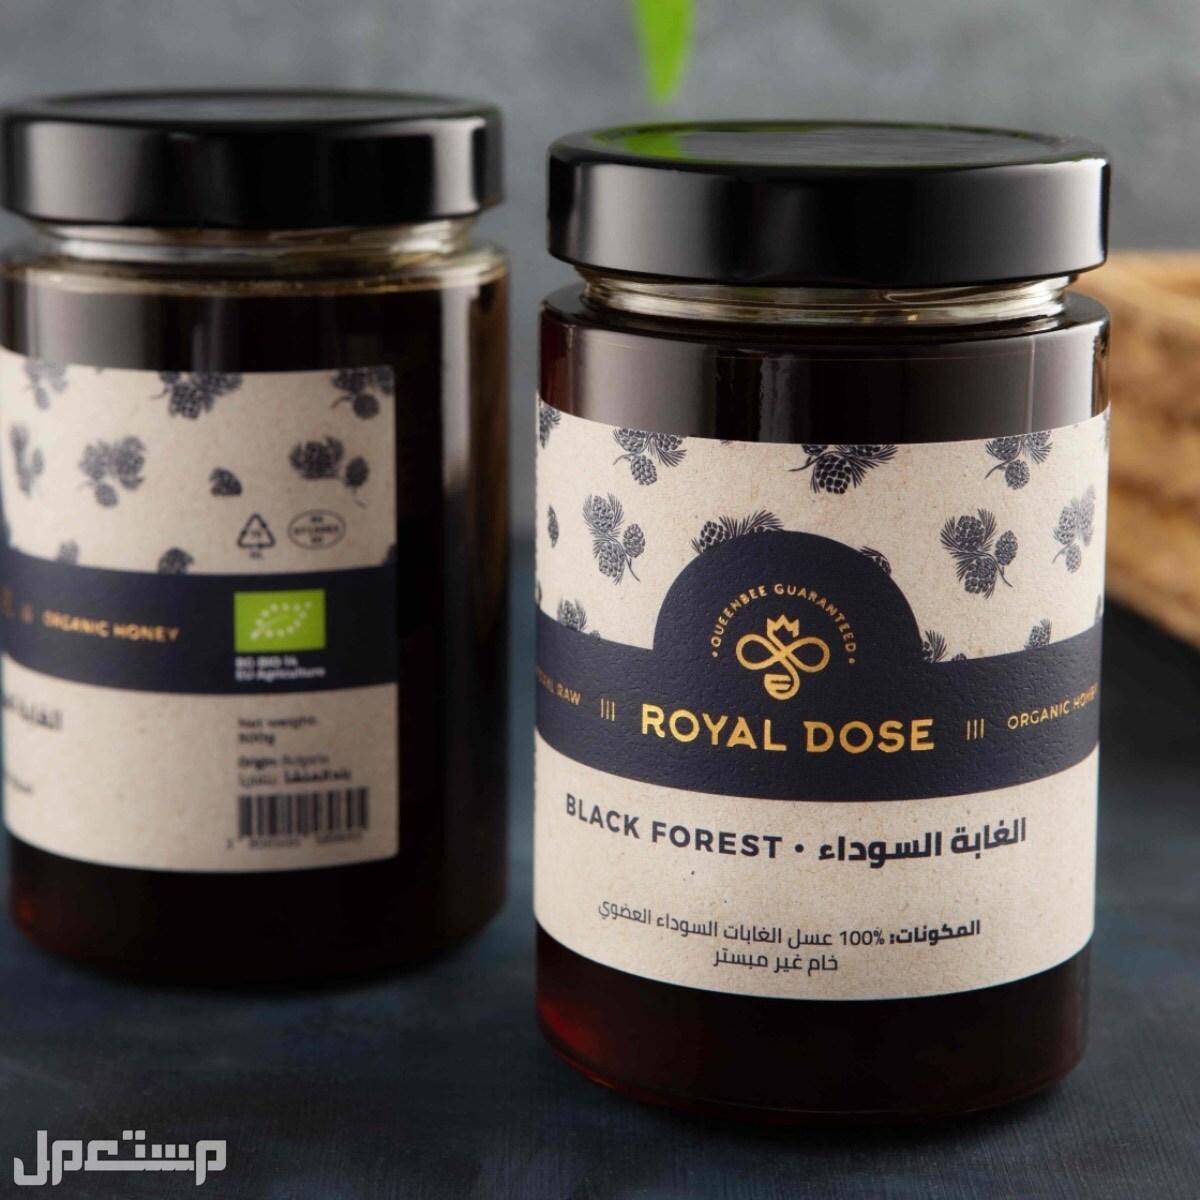 عسل رويال دوز 🍯 عسل الغابة السوداء بسعر : 135﷼